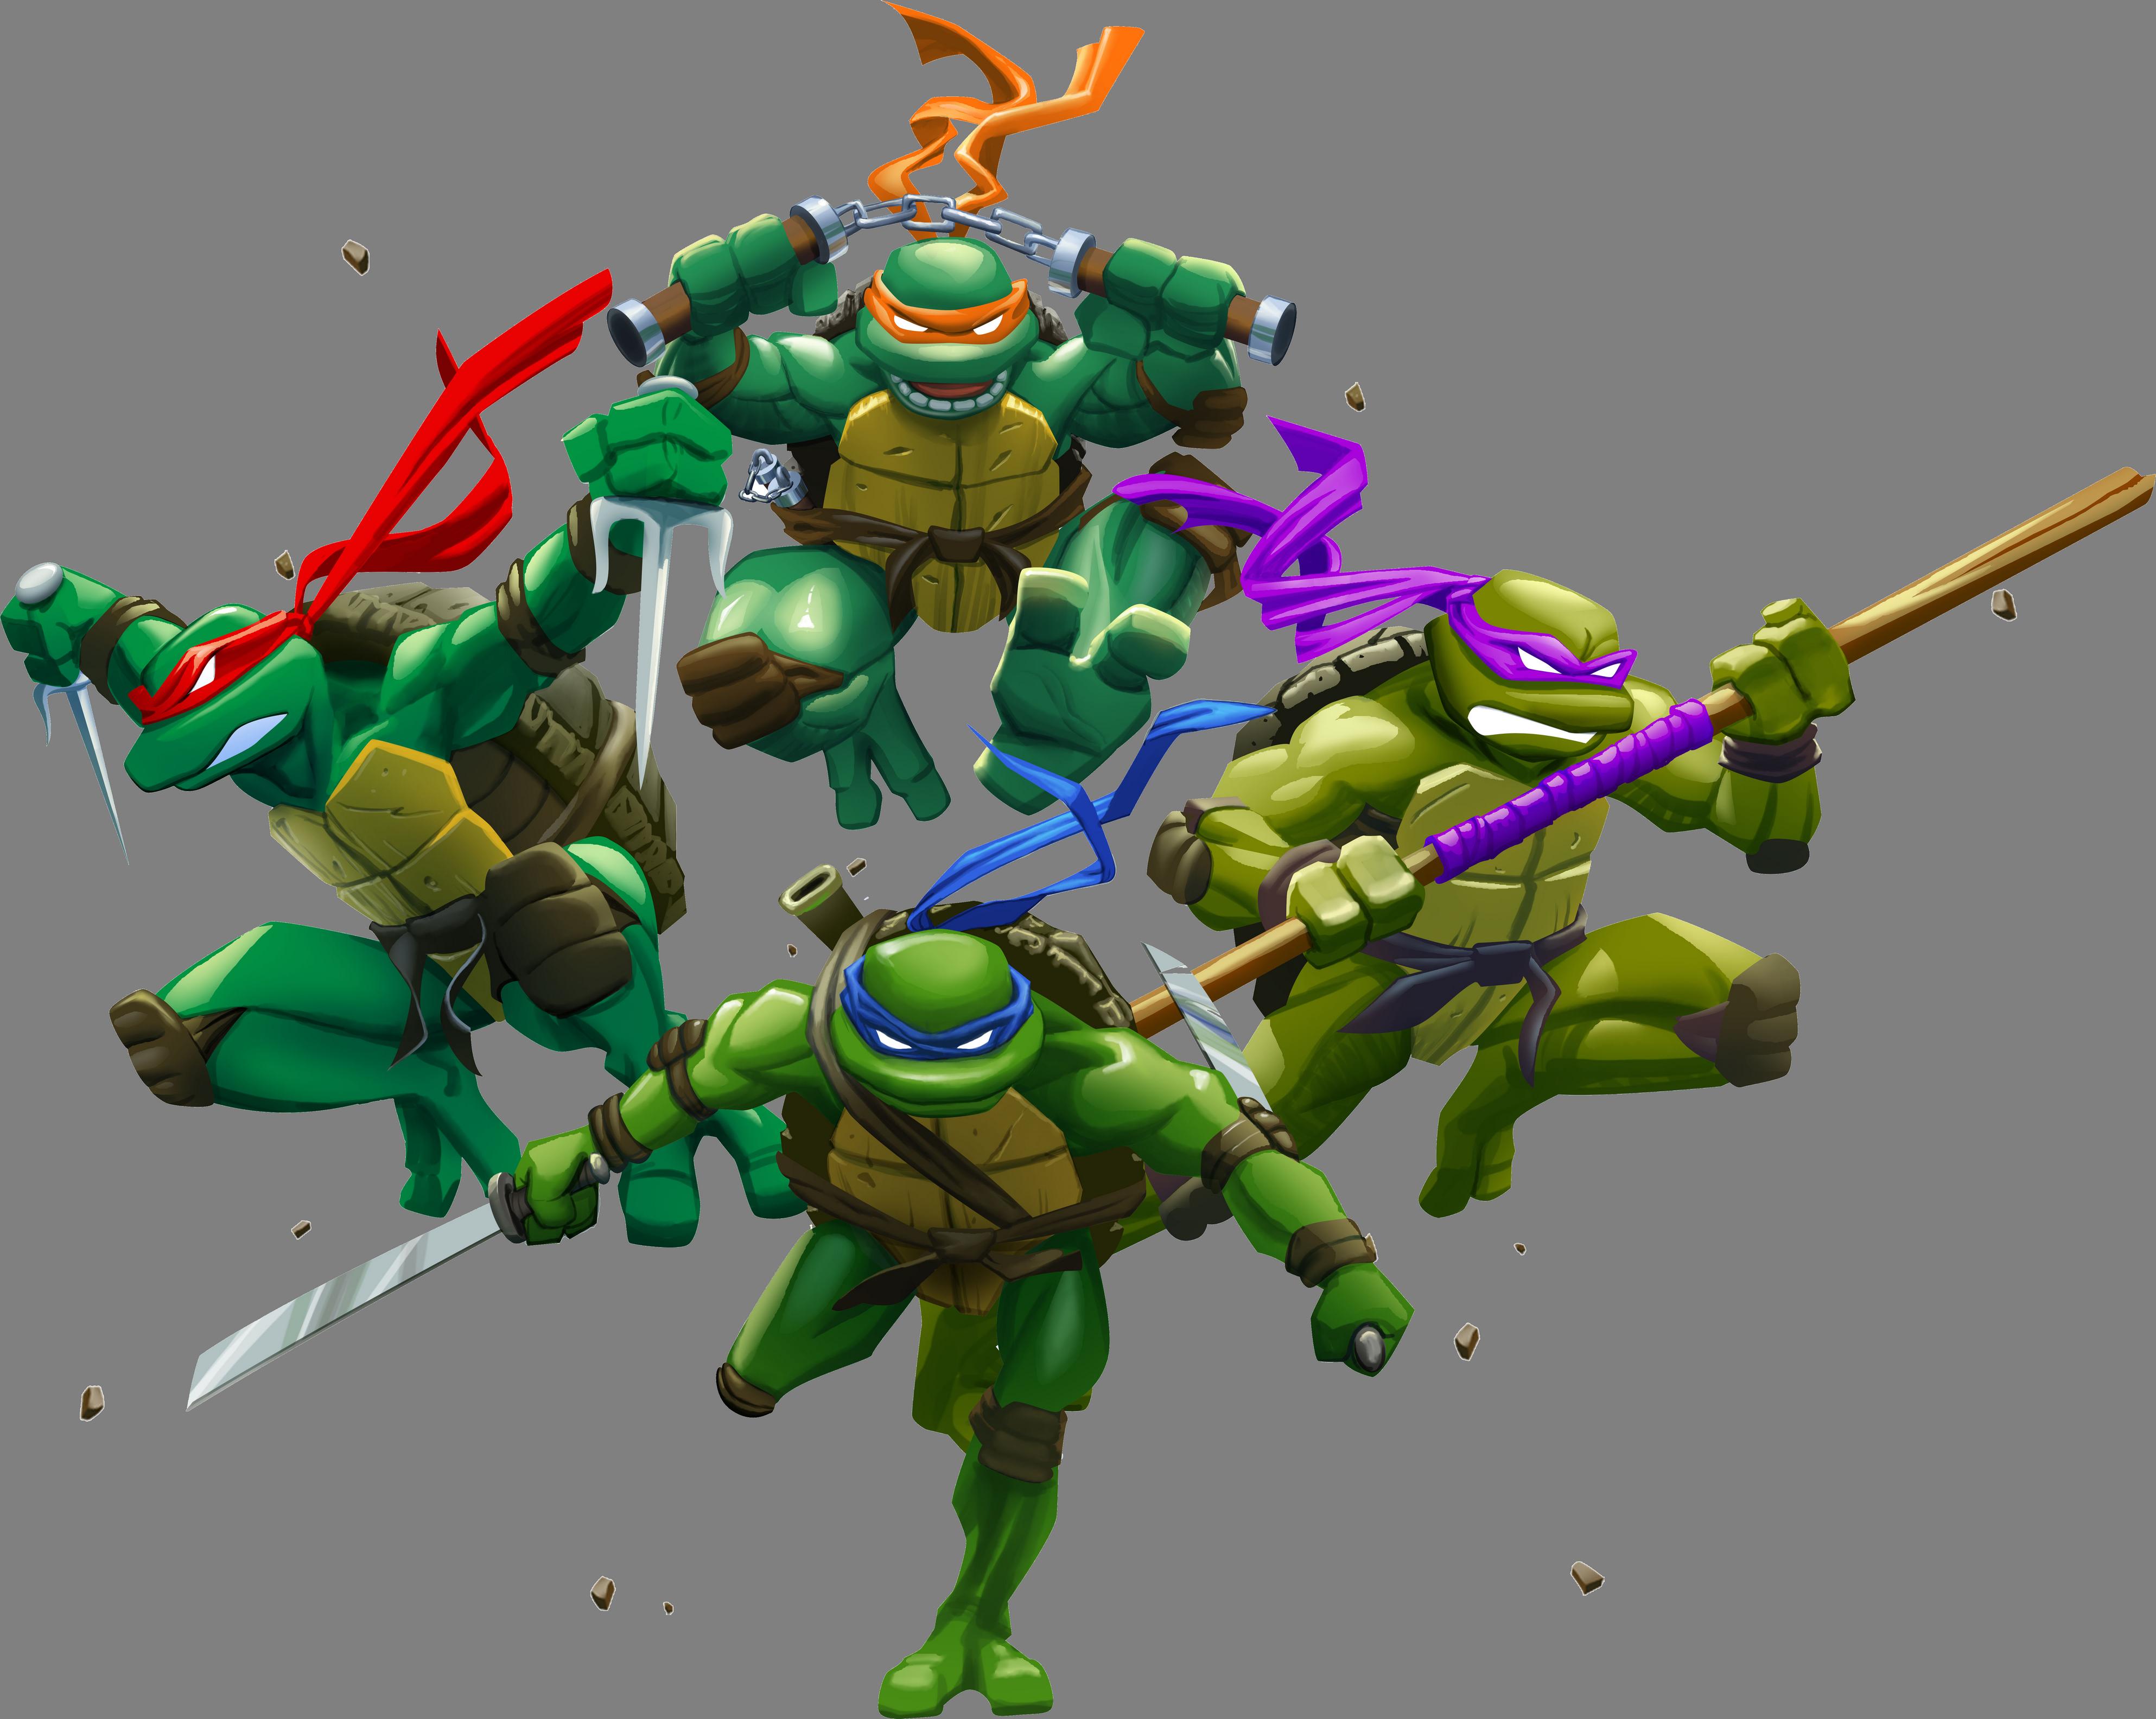 Teenage Mutant Ninja Turtles Png